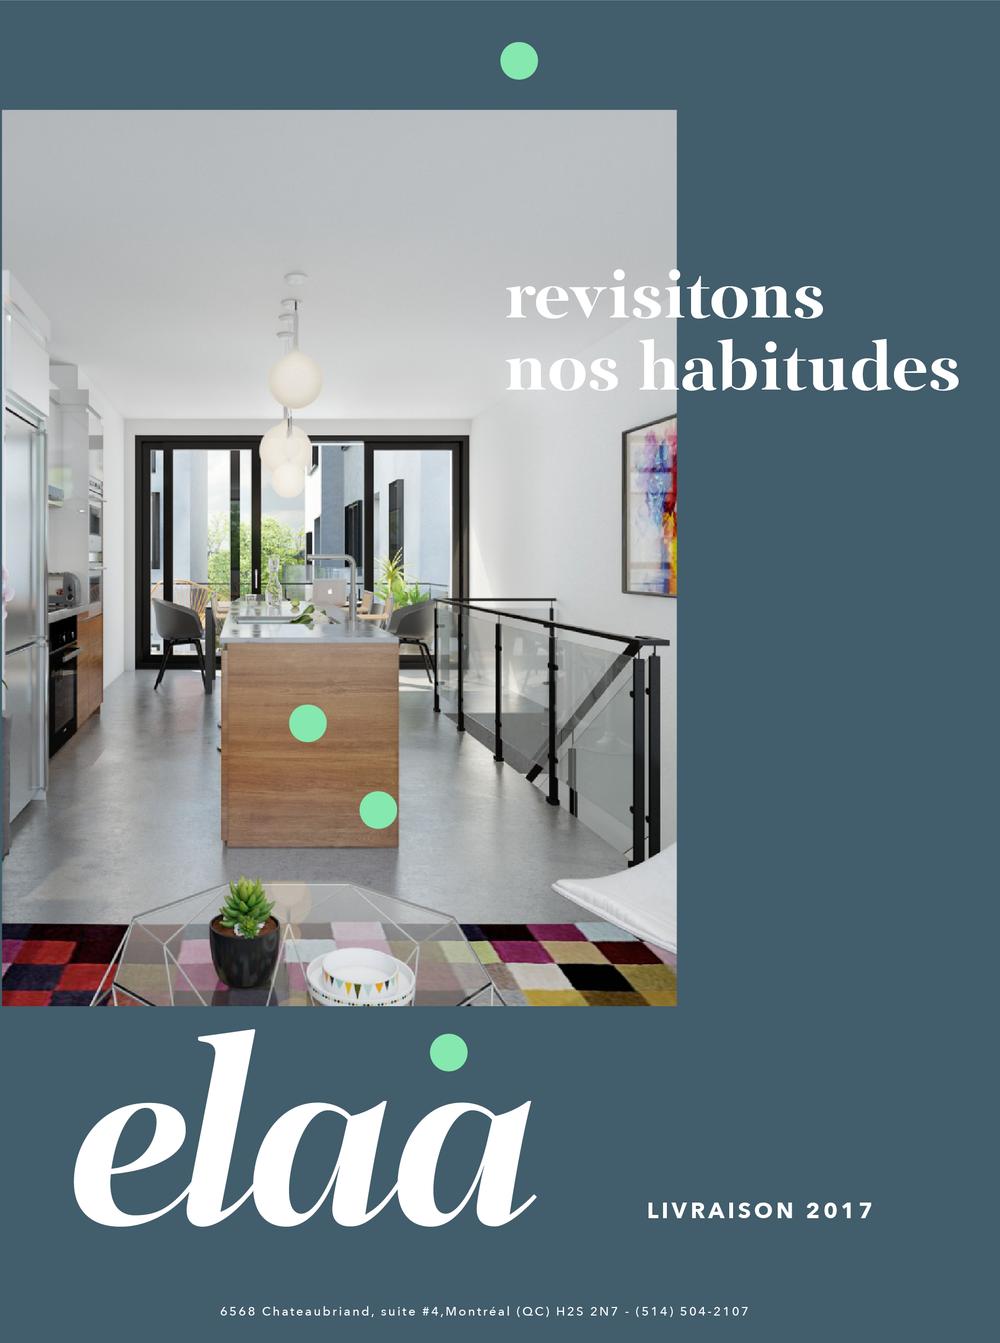 Elaa-poster-2-01.png